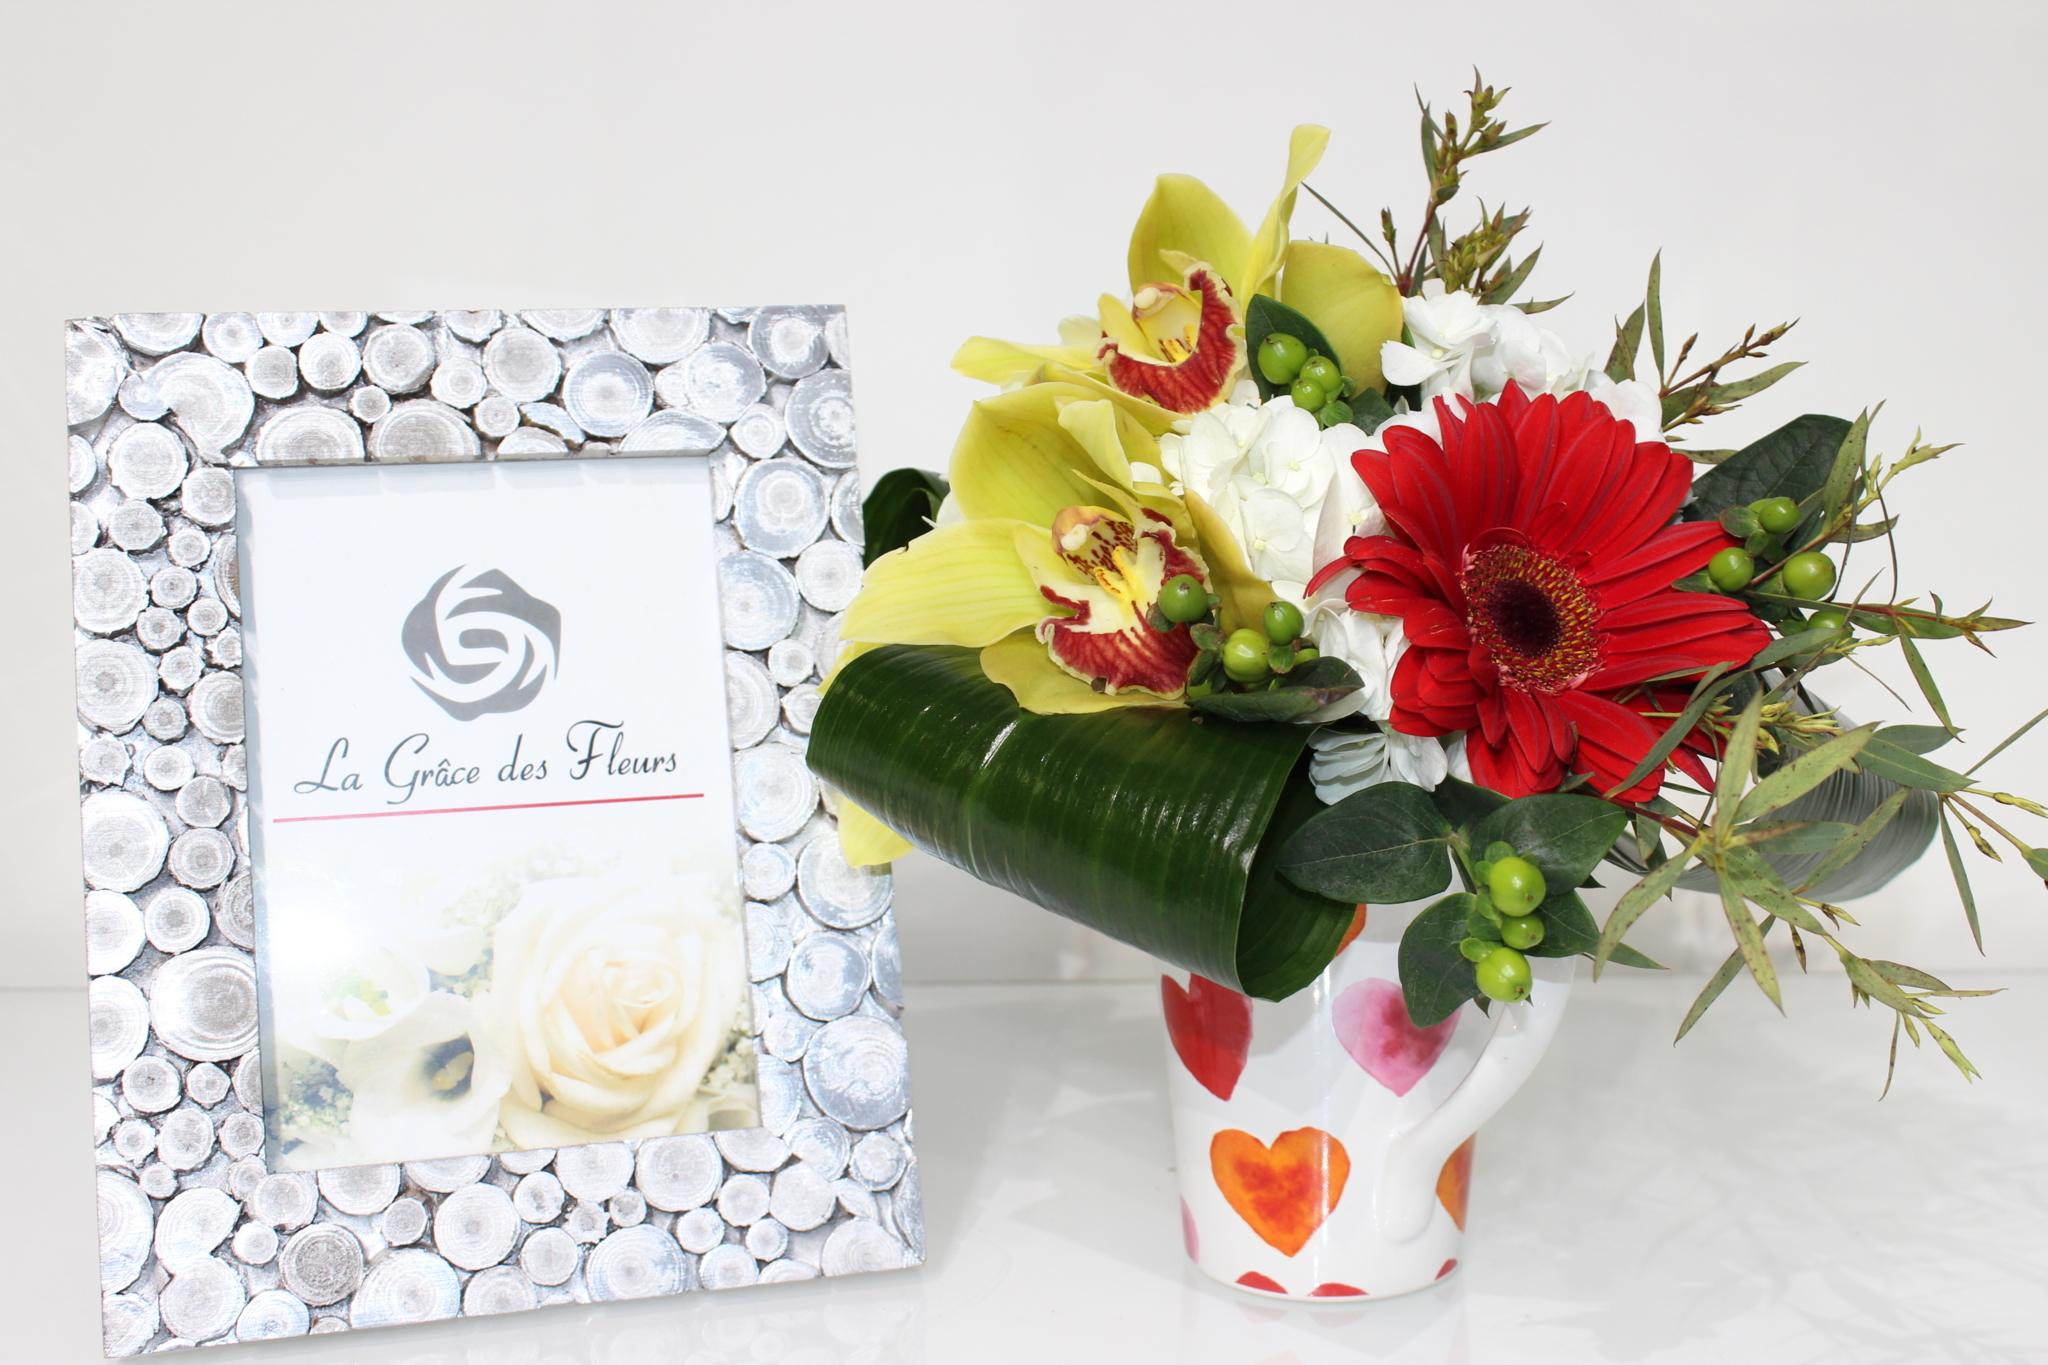 la gr ce des fleurs horaire d 39 ouverture 3975 boul saint martin o laval qc. Black Bedroom Furniture Sets. Home Design Ideas